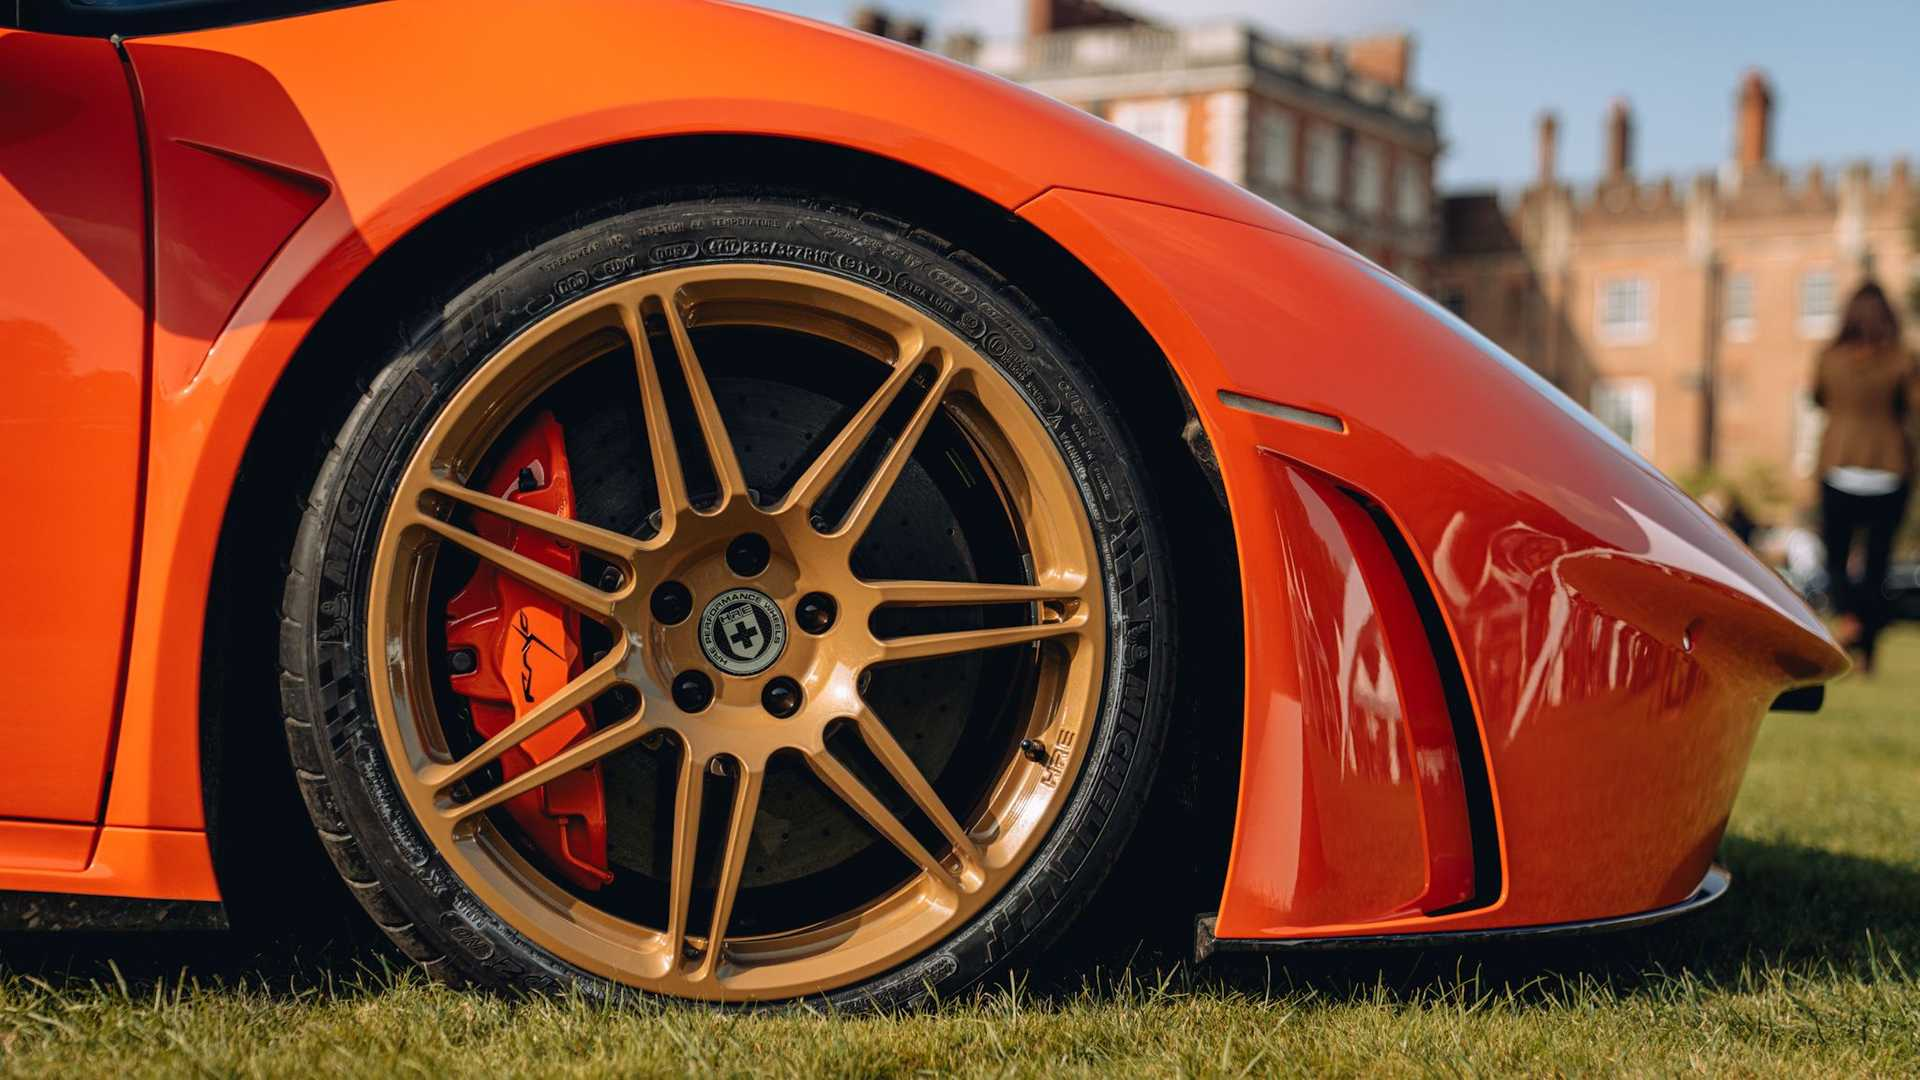 En specialbygget Lamborghini Huarcan fra England har øjenvipper og et mål om at køre 482 kilometer i timen.